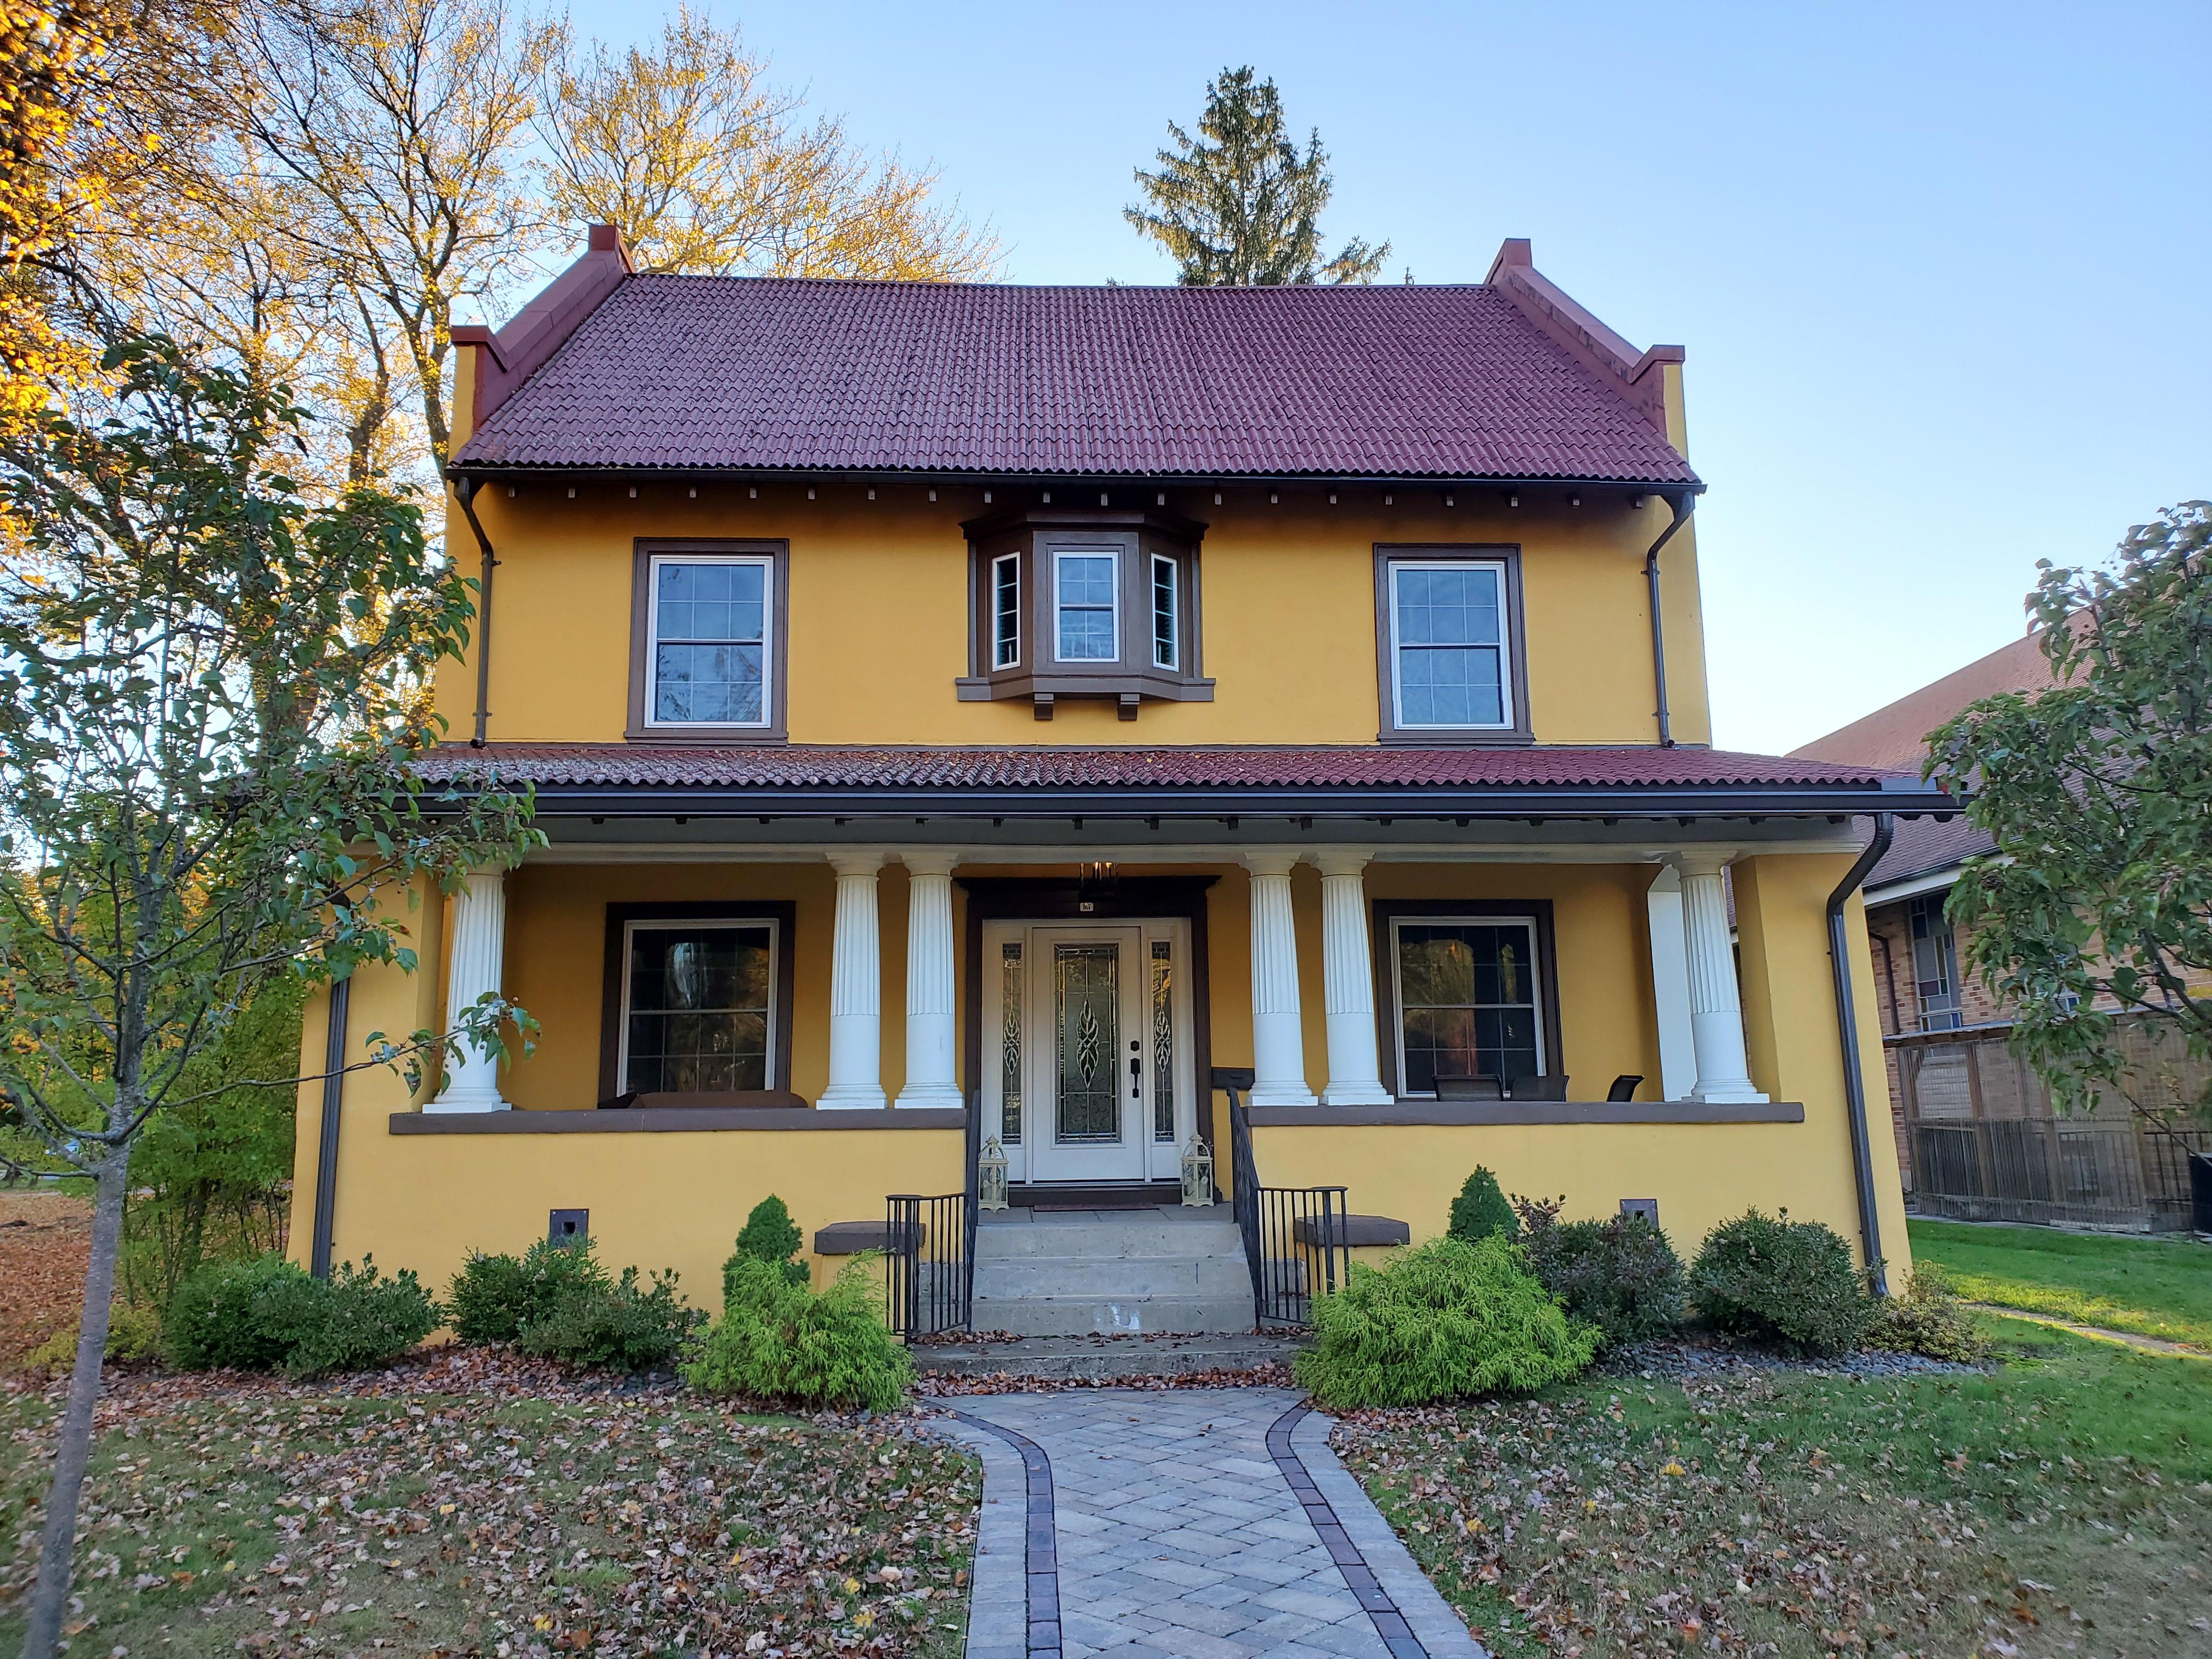 House designed by Edward C Smith